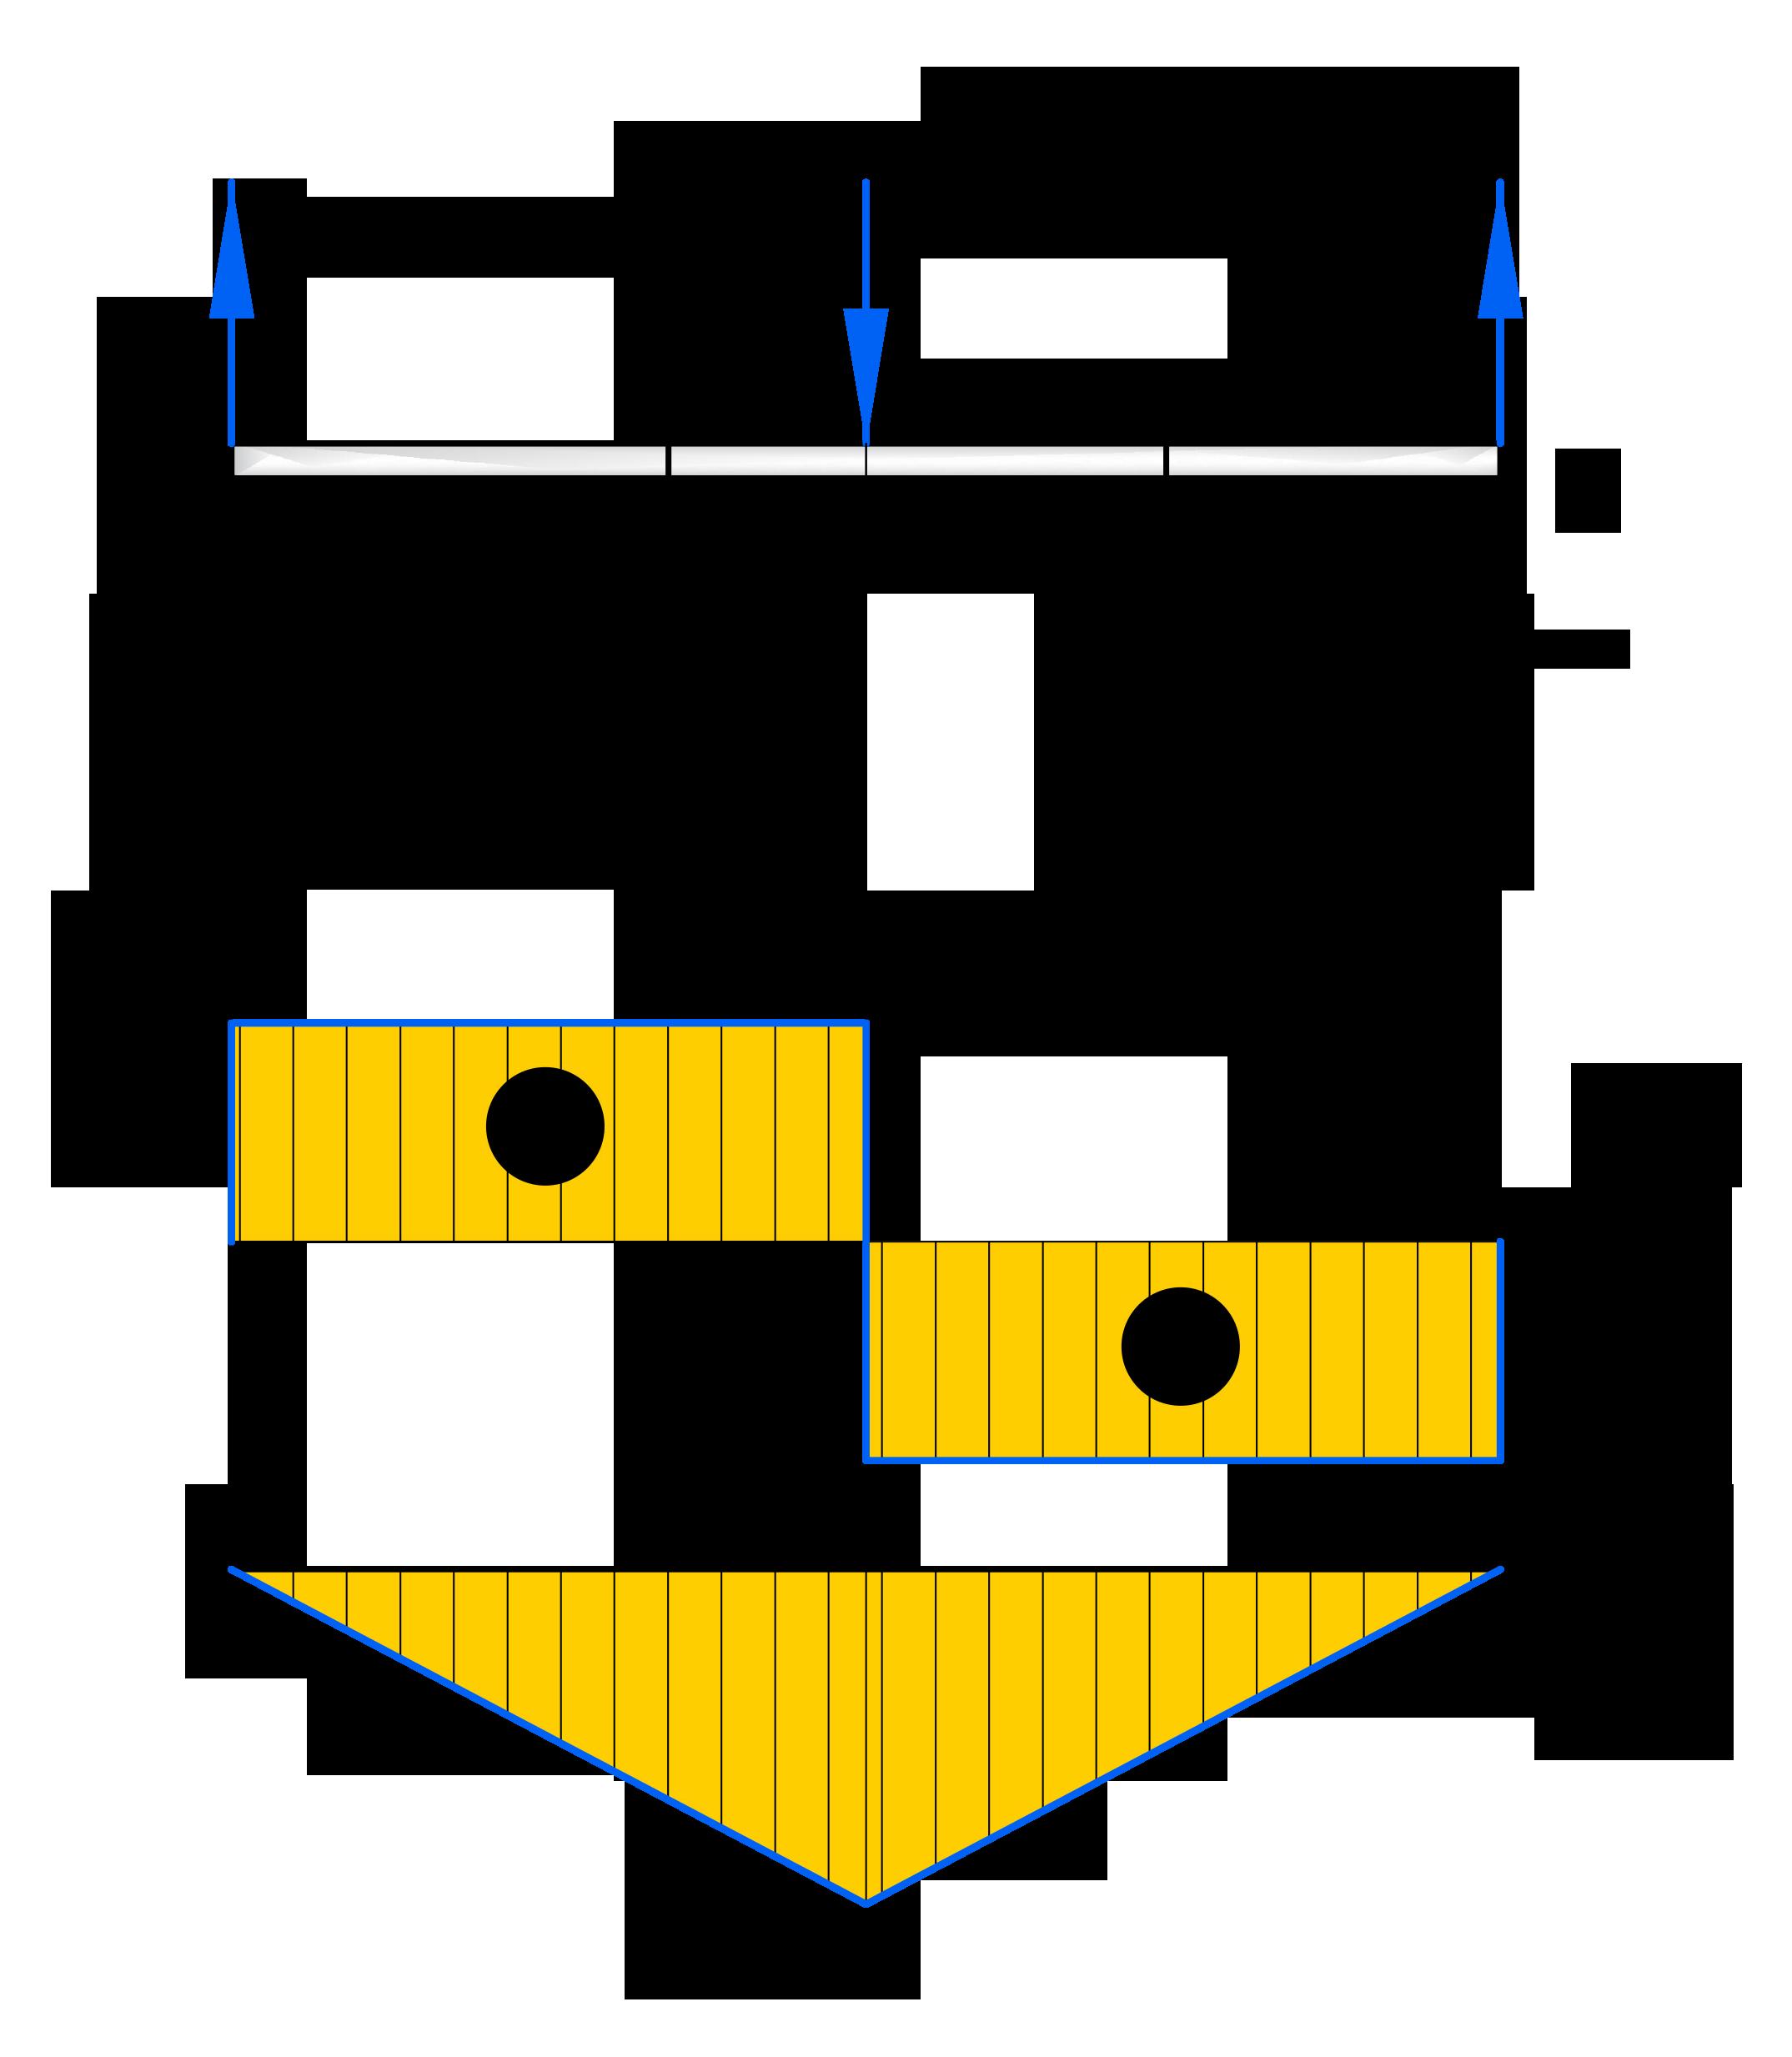 Построение эпюр для балки